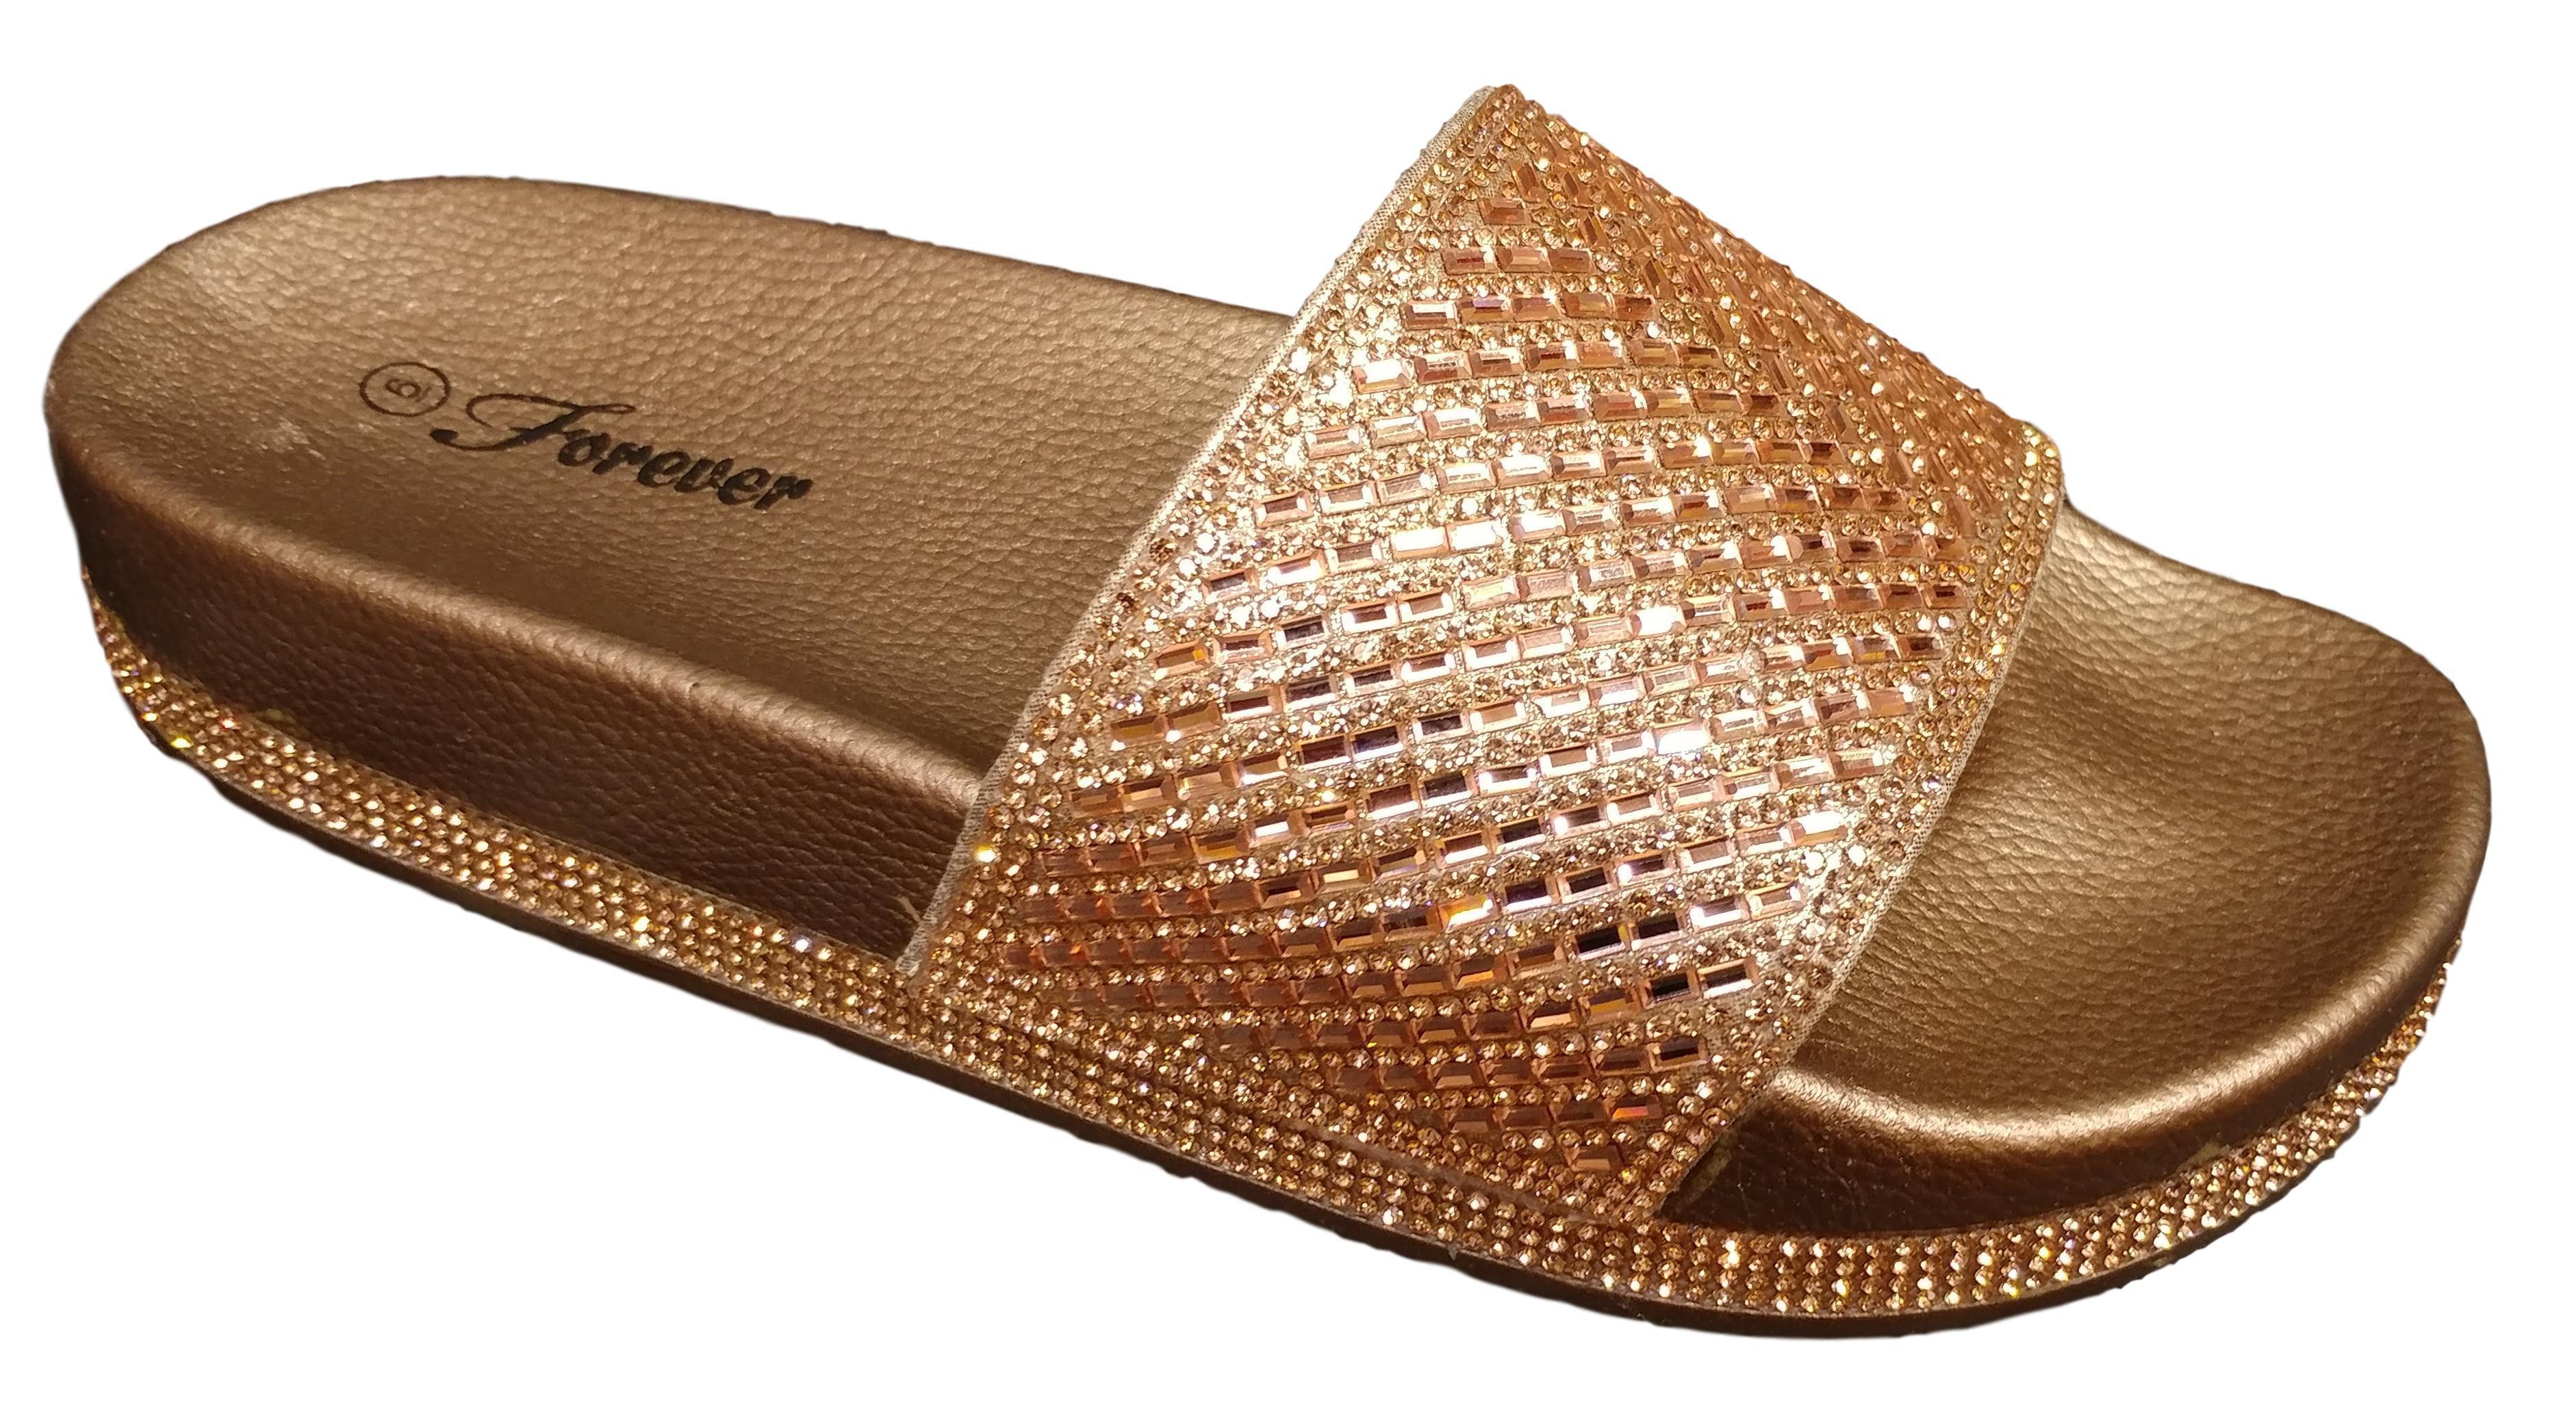 200ac88502f946 Forever - Forever Women s Viste 12 Rose Gold Rhinestone Slide Sandal Size  6